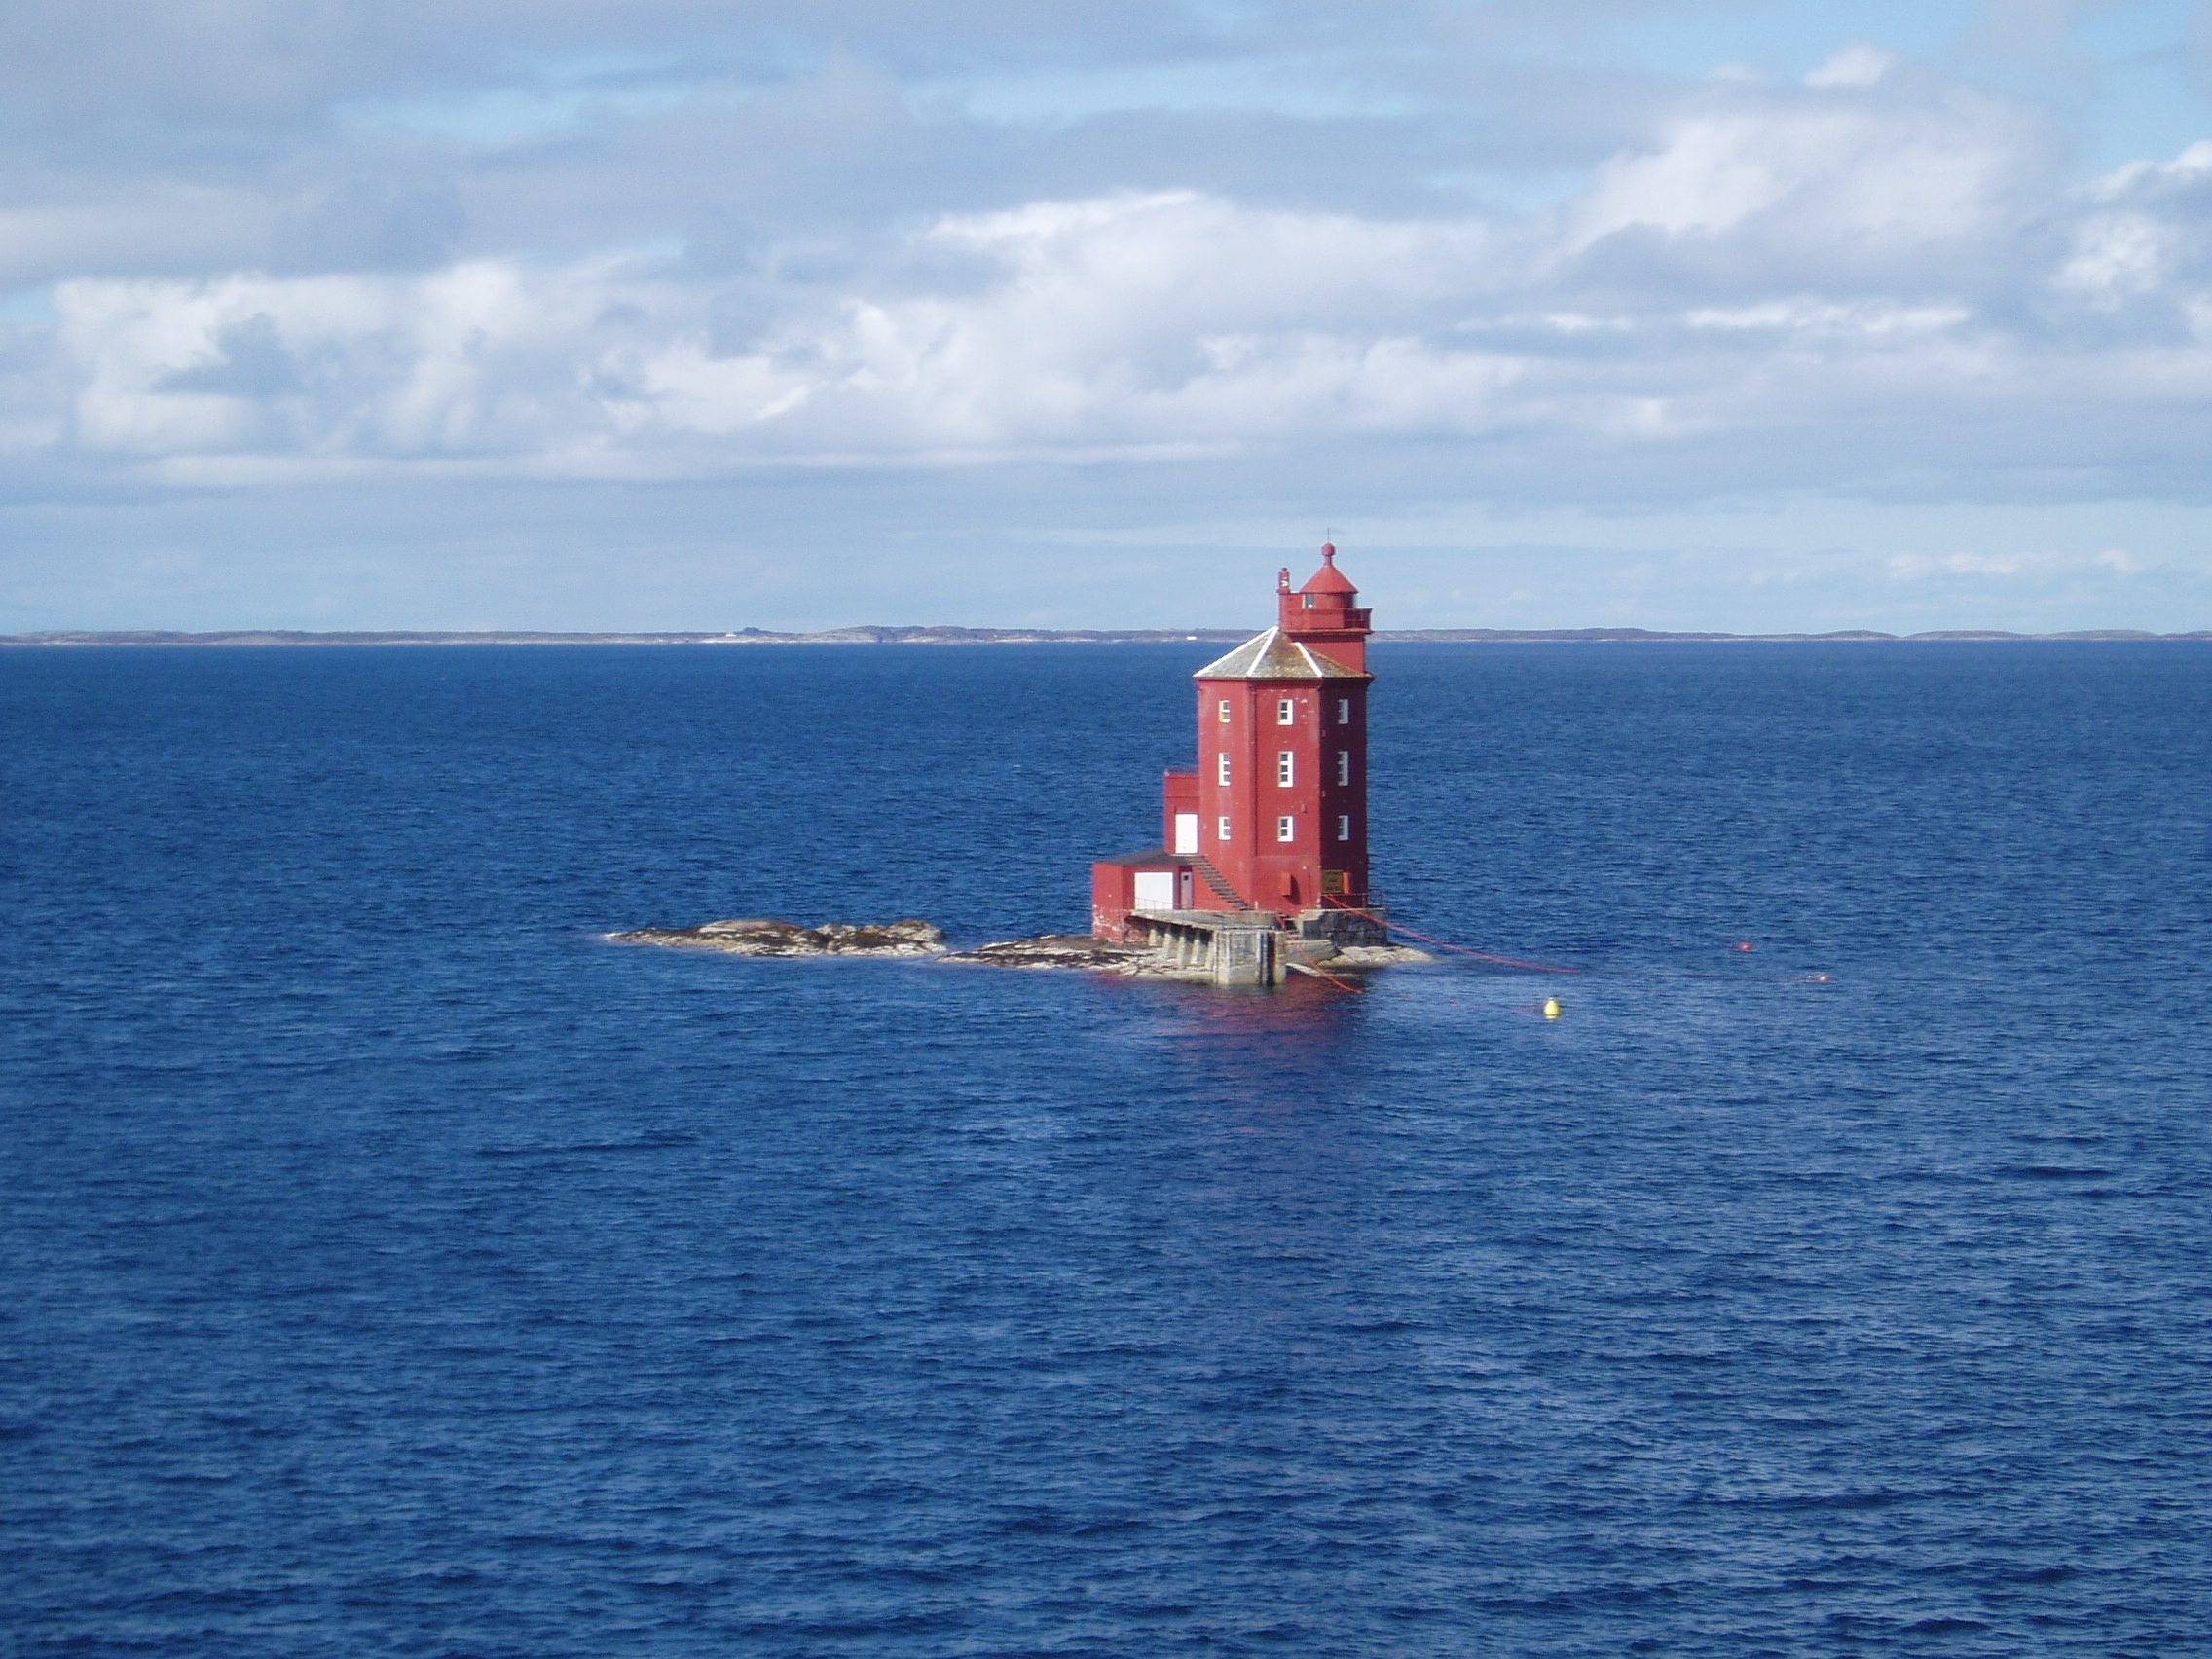 #Lighthouse - that sinking feeling... http://dennisharper.lnf.com/